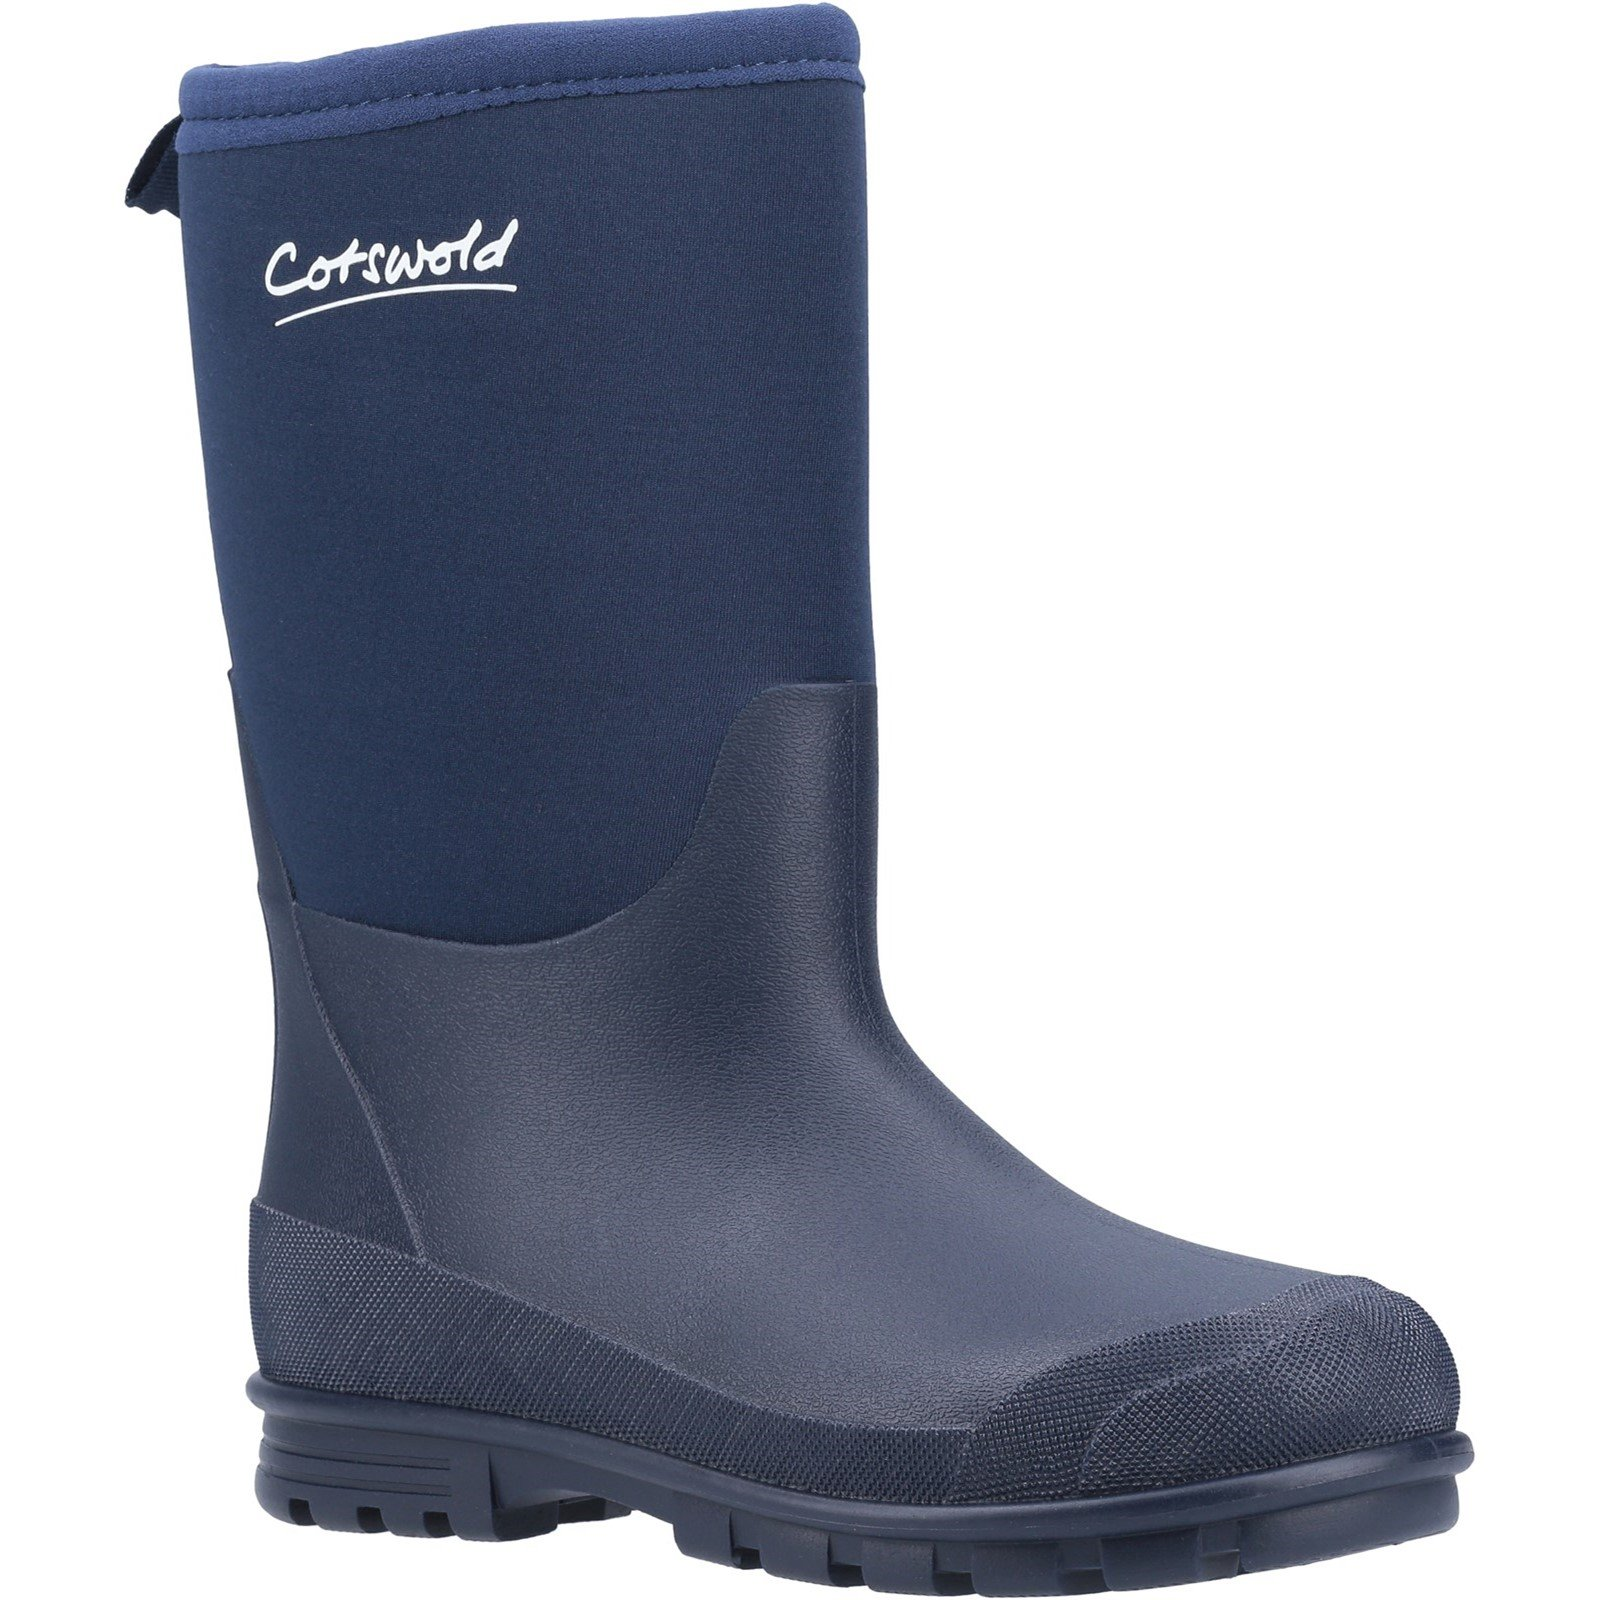 Cotswold Women's Hilly Neoprene Wellington Boot - Blue 8.5